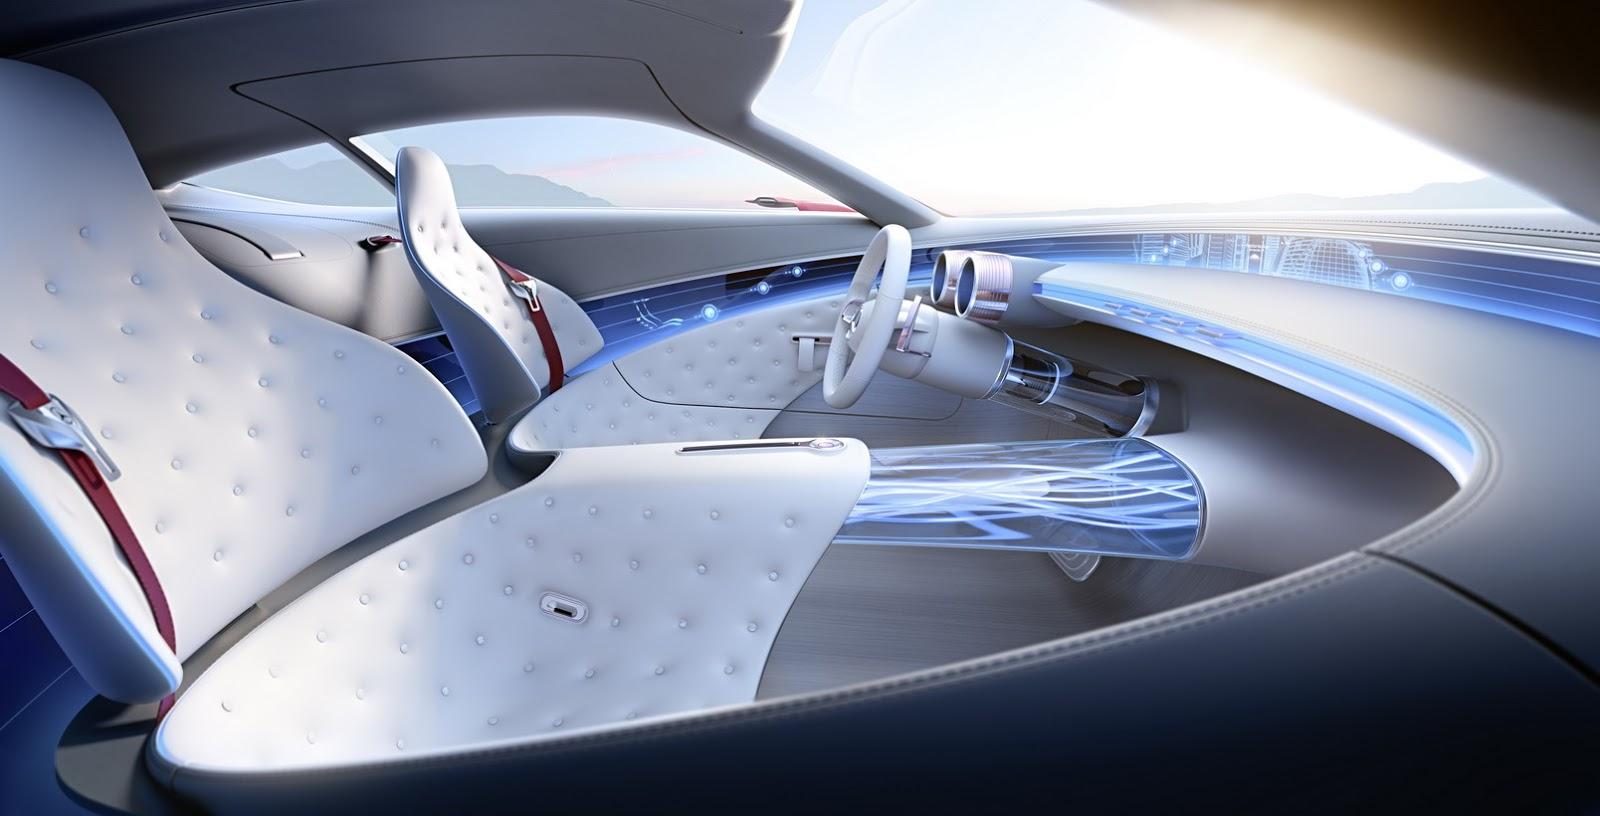 2016 mercedes benz vision mercedes maybach 6 autokonzepte for Mercedes benz maybach interior